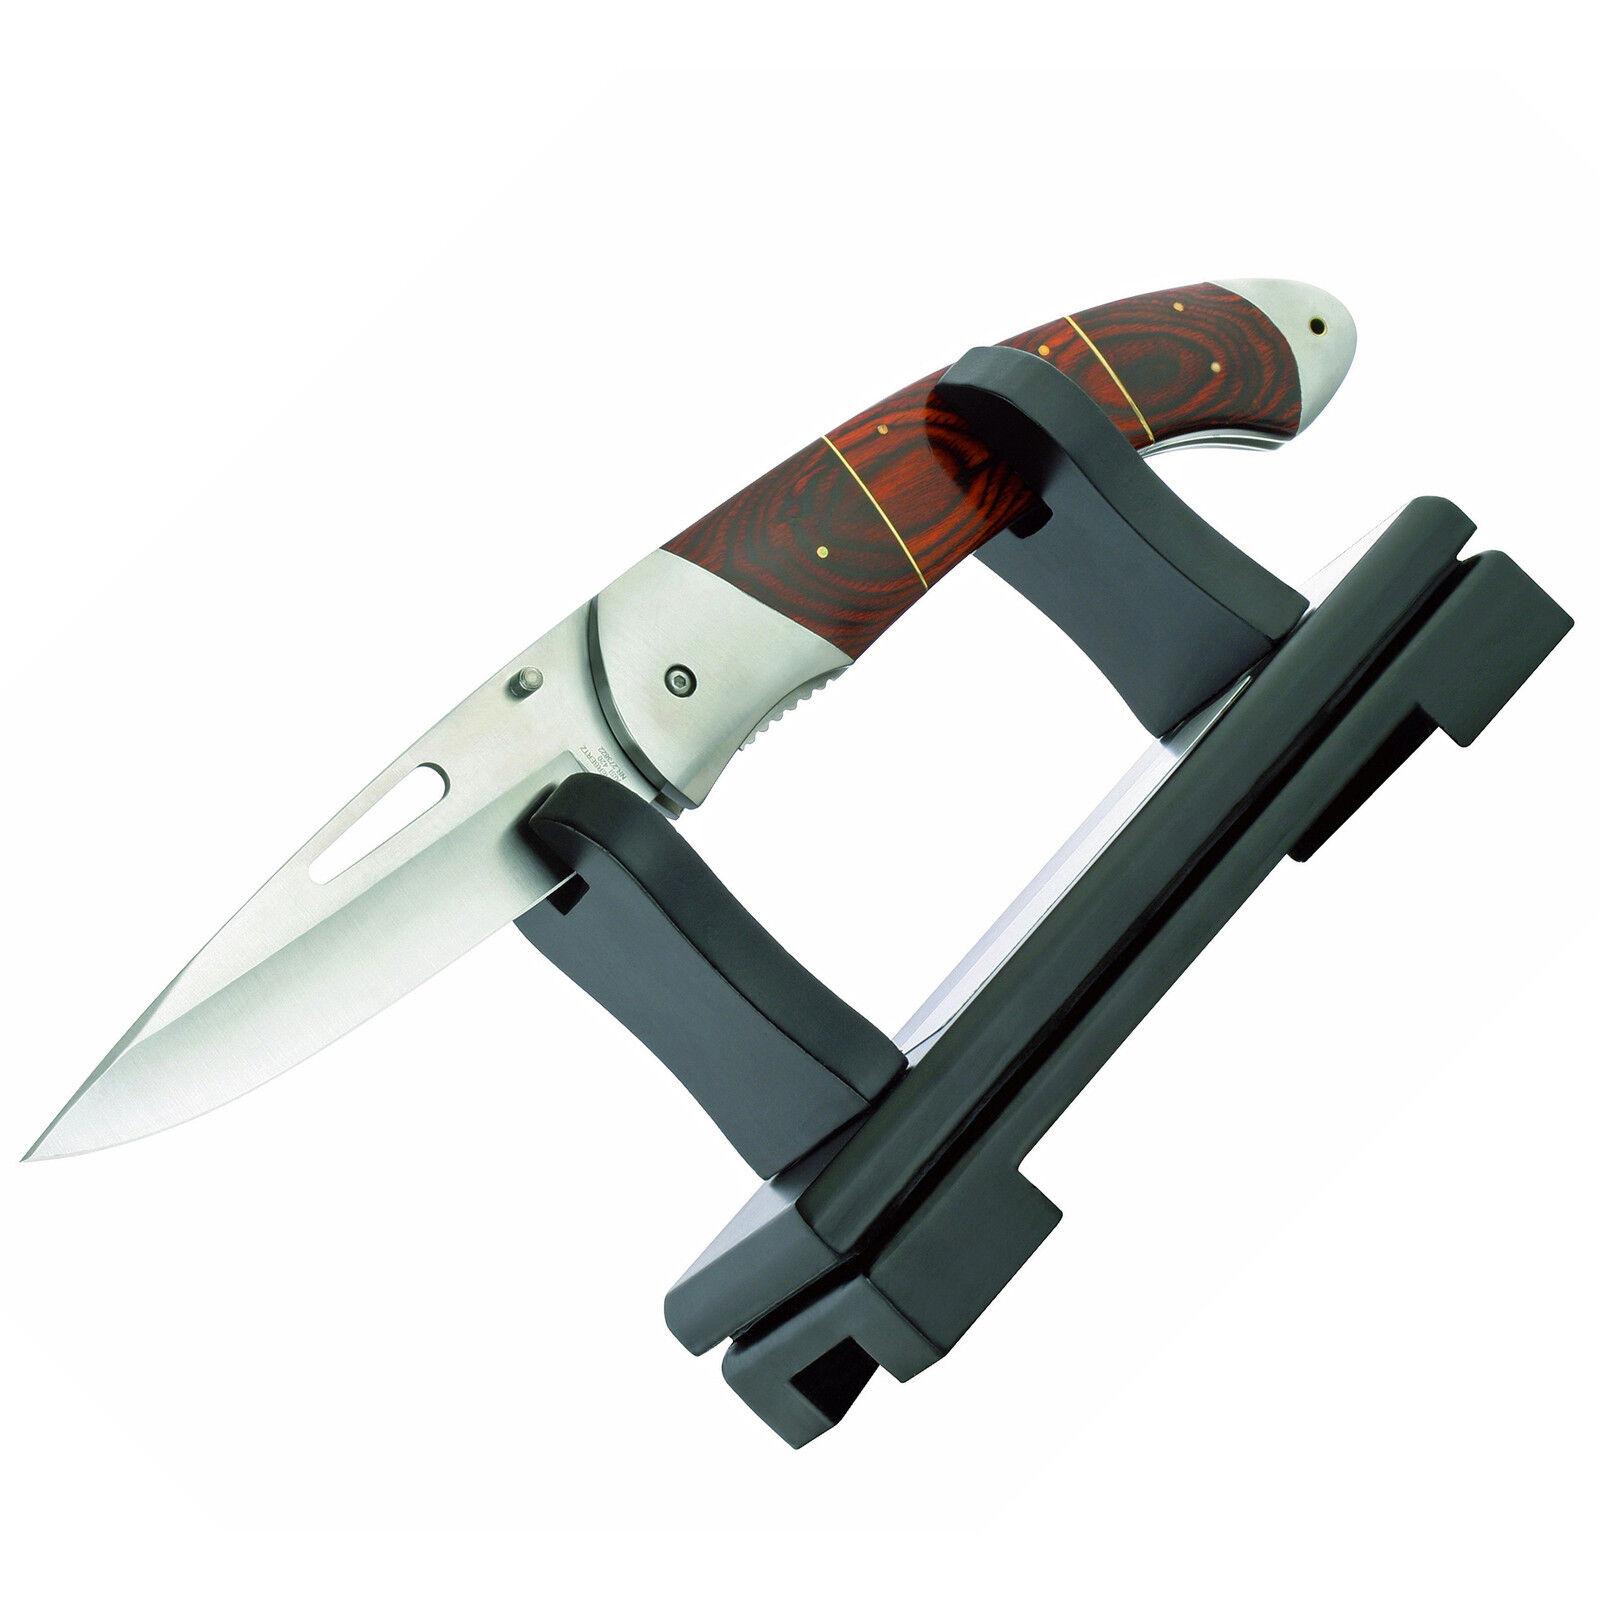 HERBERTZ Riesen-Einhandmesser Messer - Klappmesser - Taschenmesser 273822